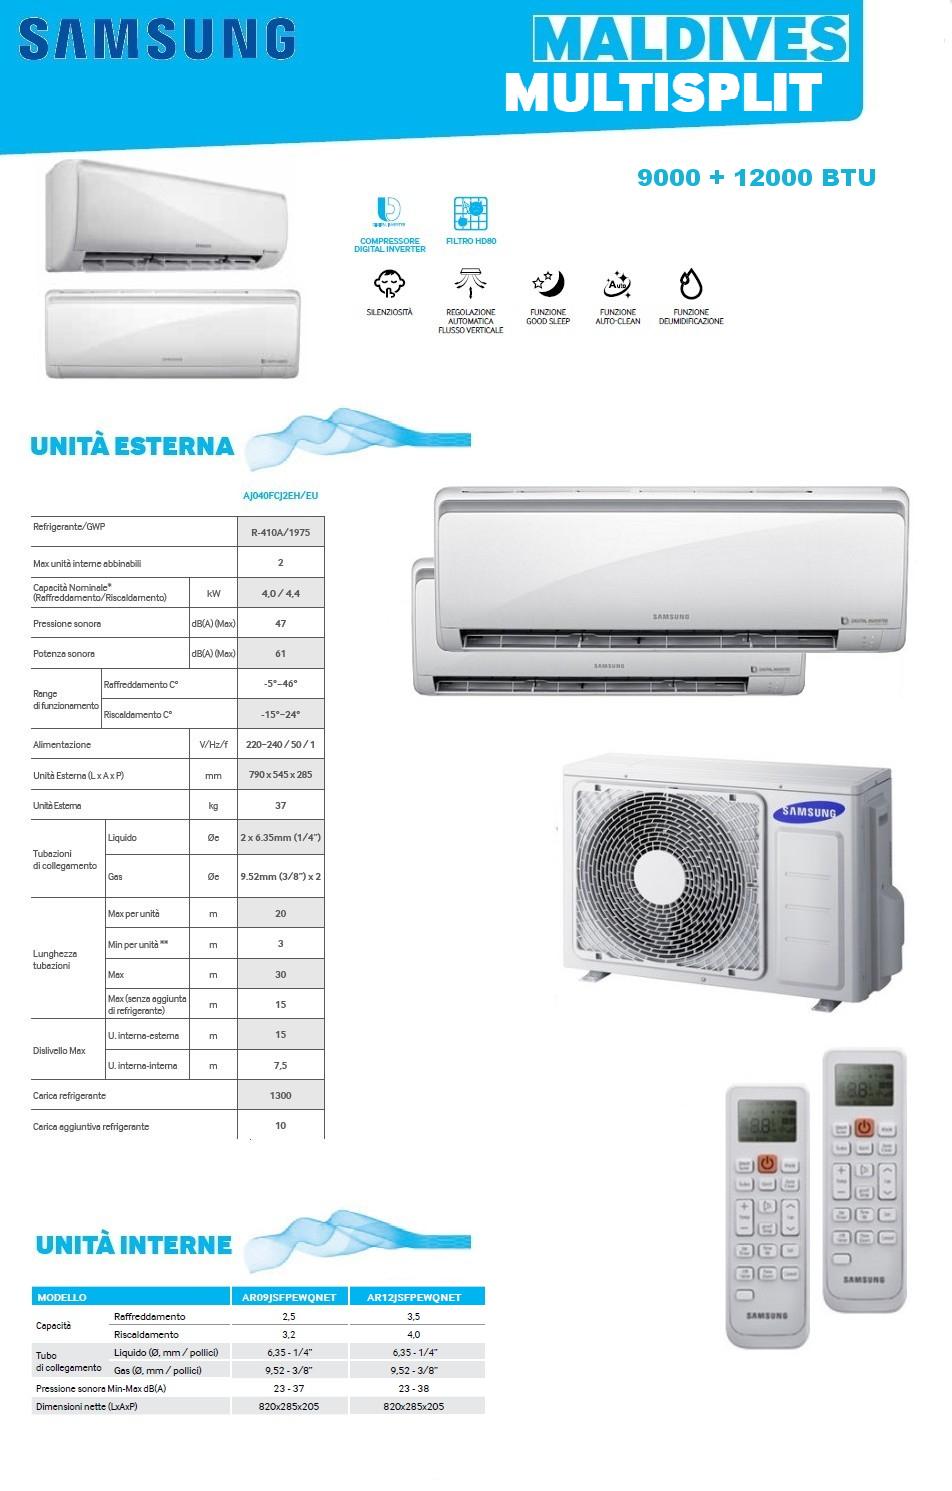 Condizionatore samsung maldives dual split 9000 12000 - Unita esterna condizionatore dimensioni ridotte ...